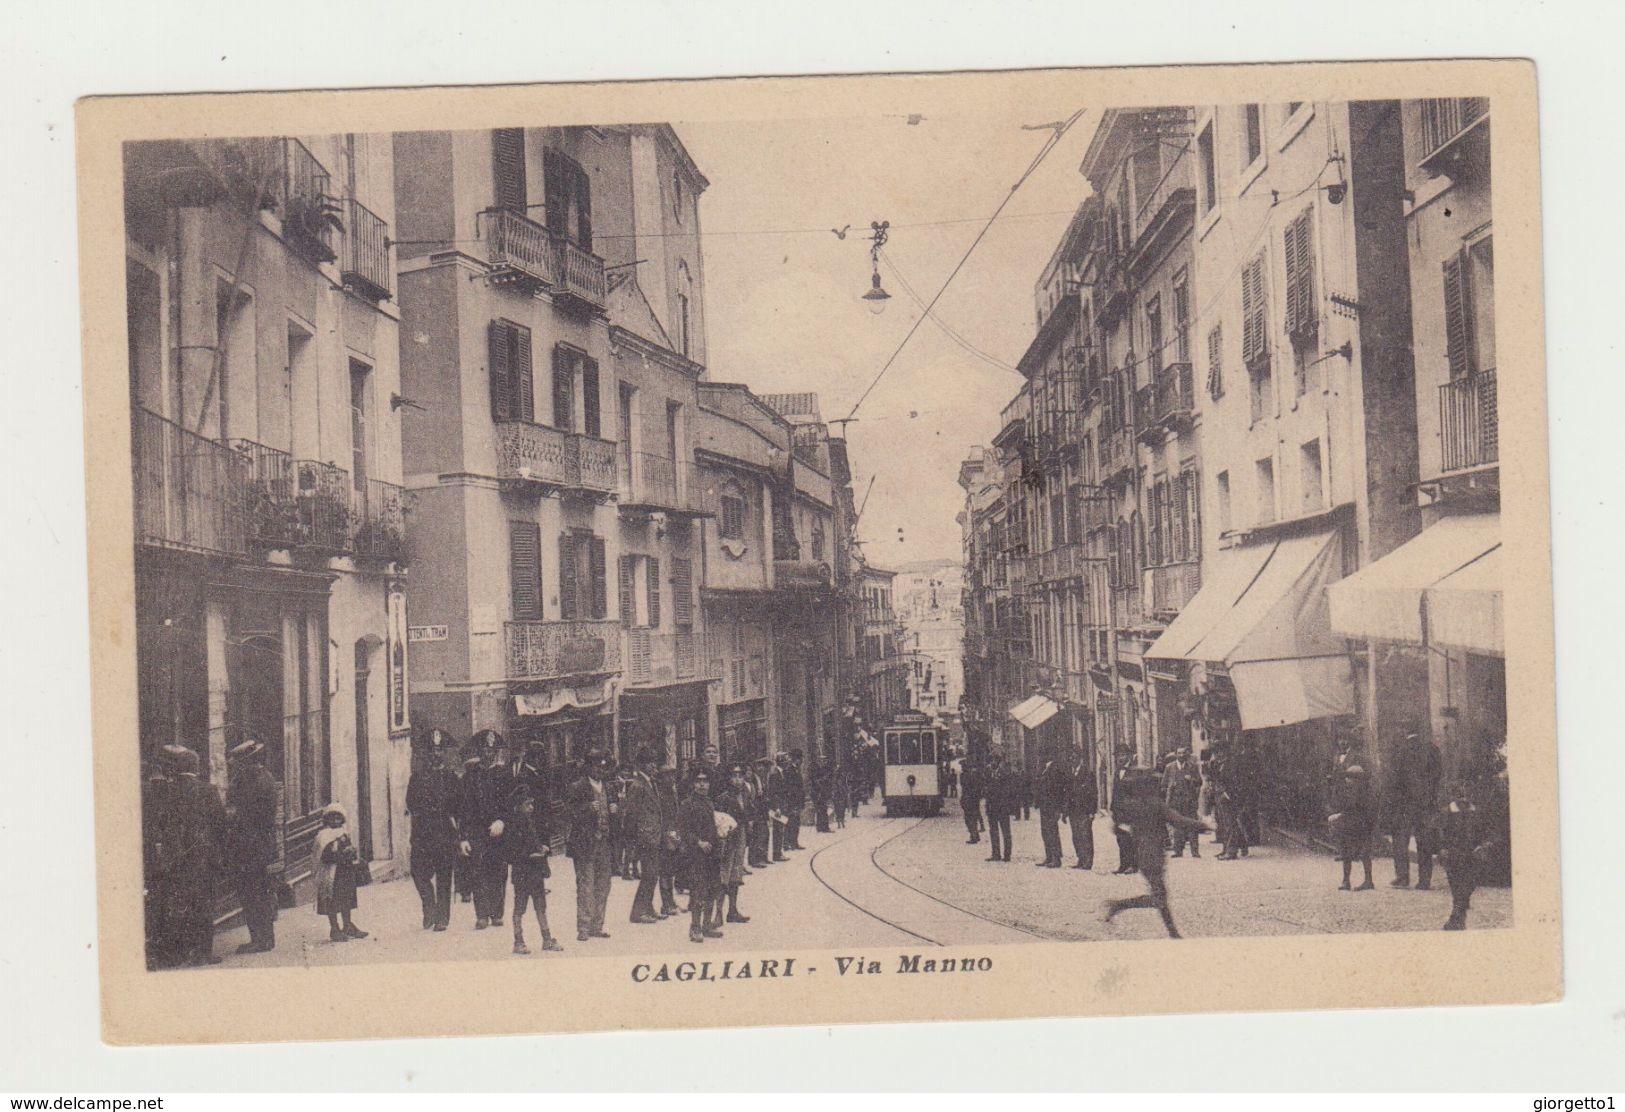 CAGLIARI - VIA MANNO CON TRAM E CARABINIERI - ITALY POSTCARD - Cagliari